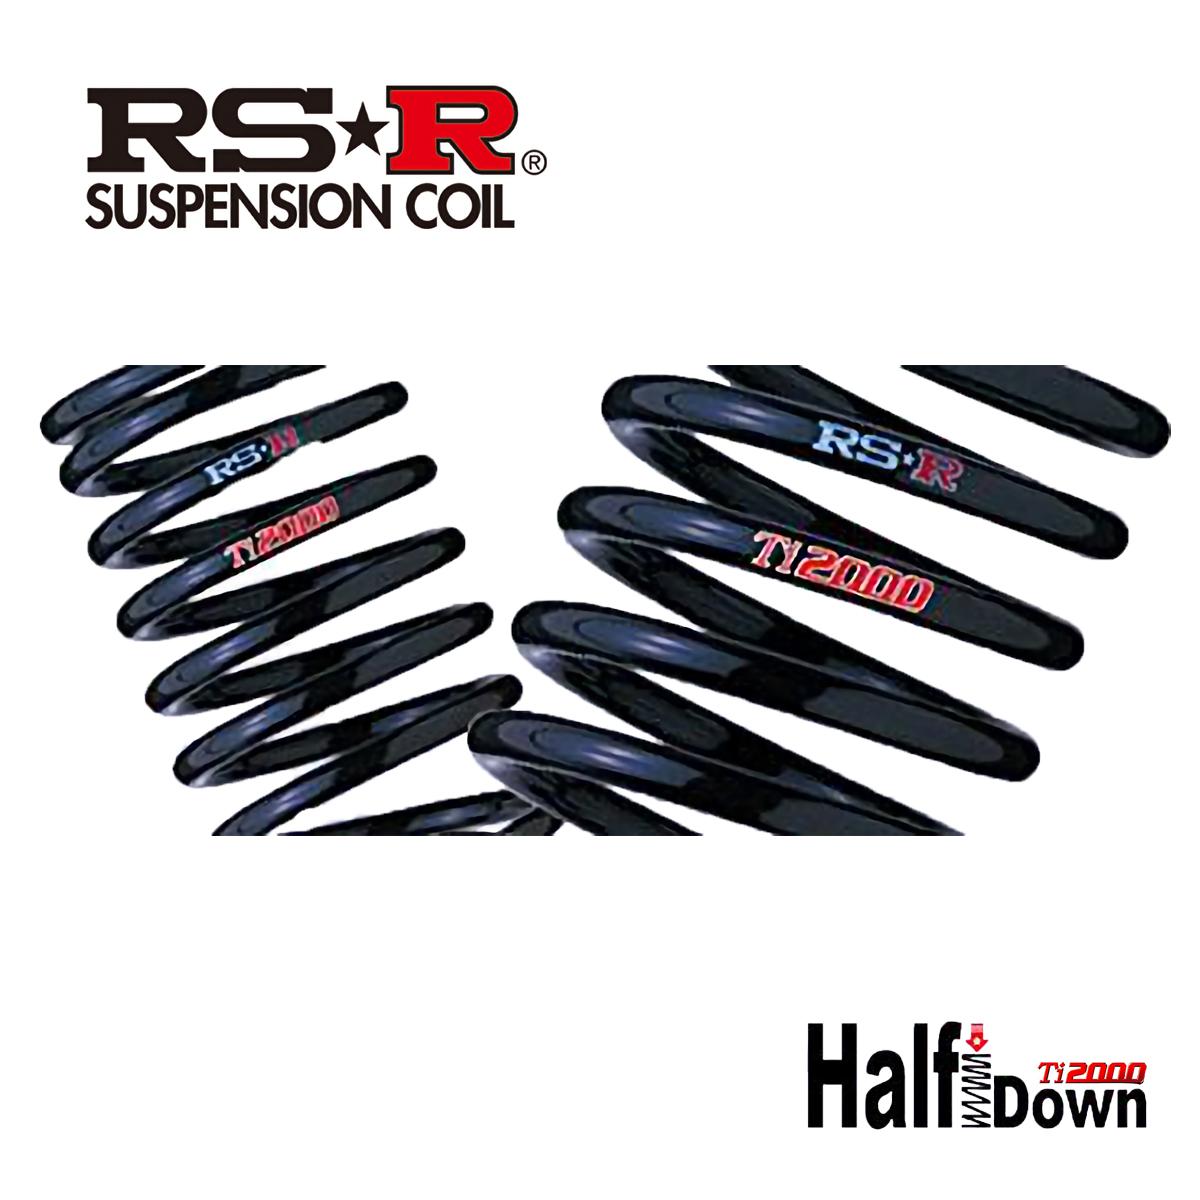 RS-R ノア ハイブリッドSiダブルバイビー ZWR80W ダウンサス スプリング リア T931THDR Ti2000 ハーフダウン RSR 個人宅発送追金有